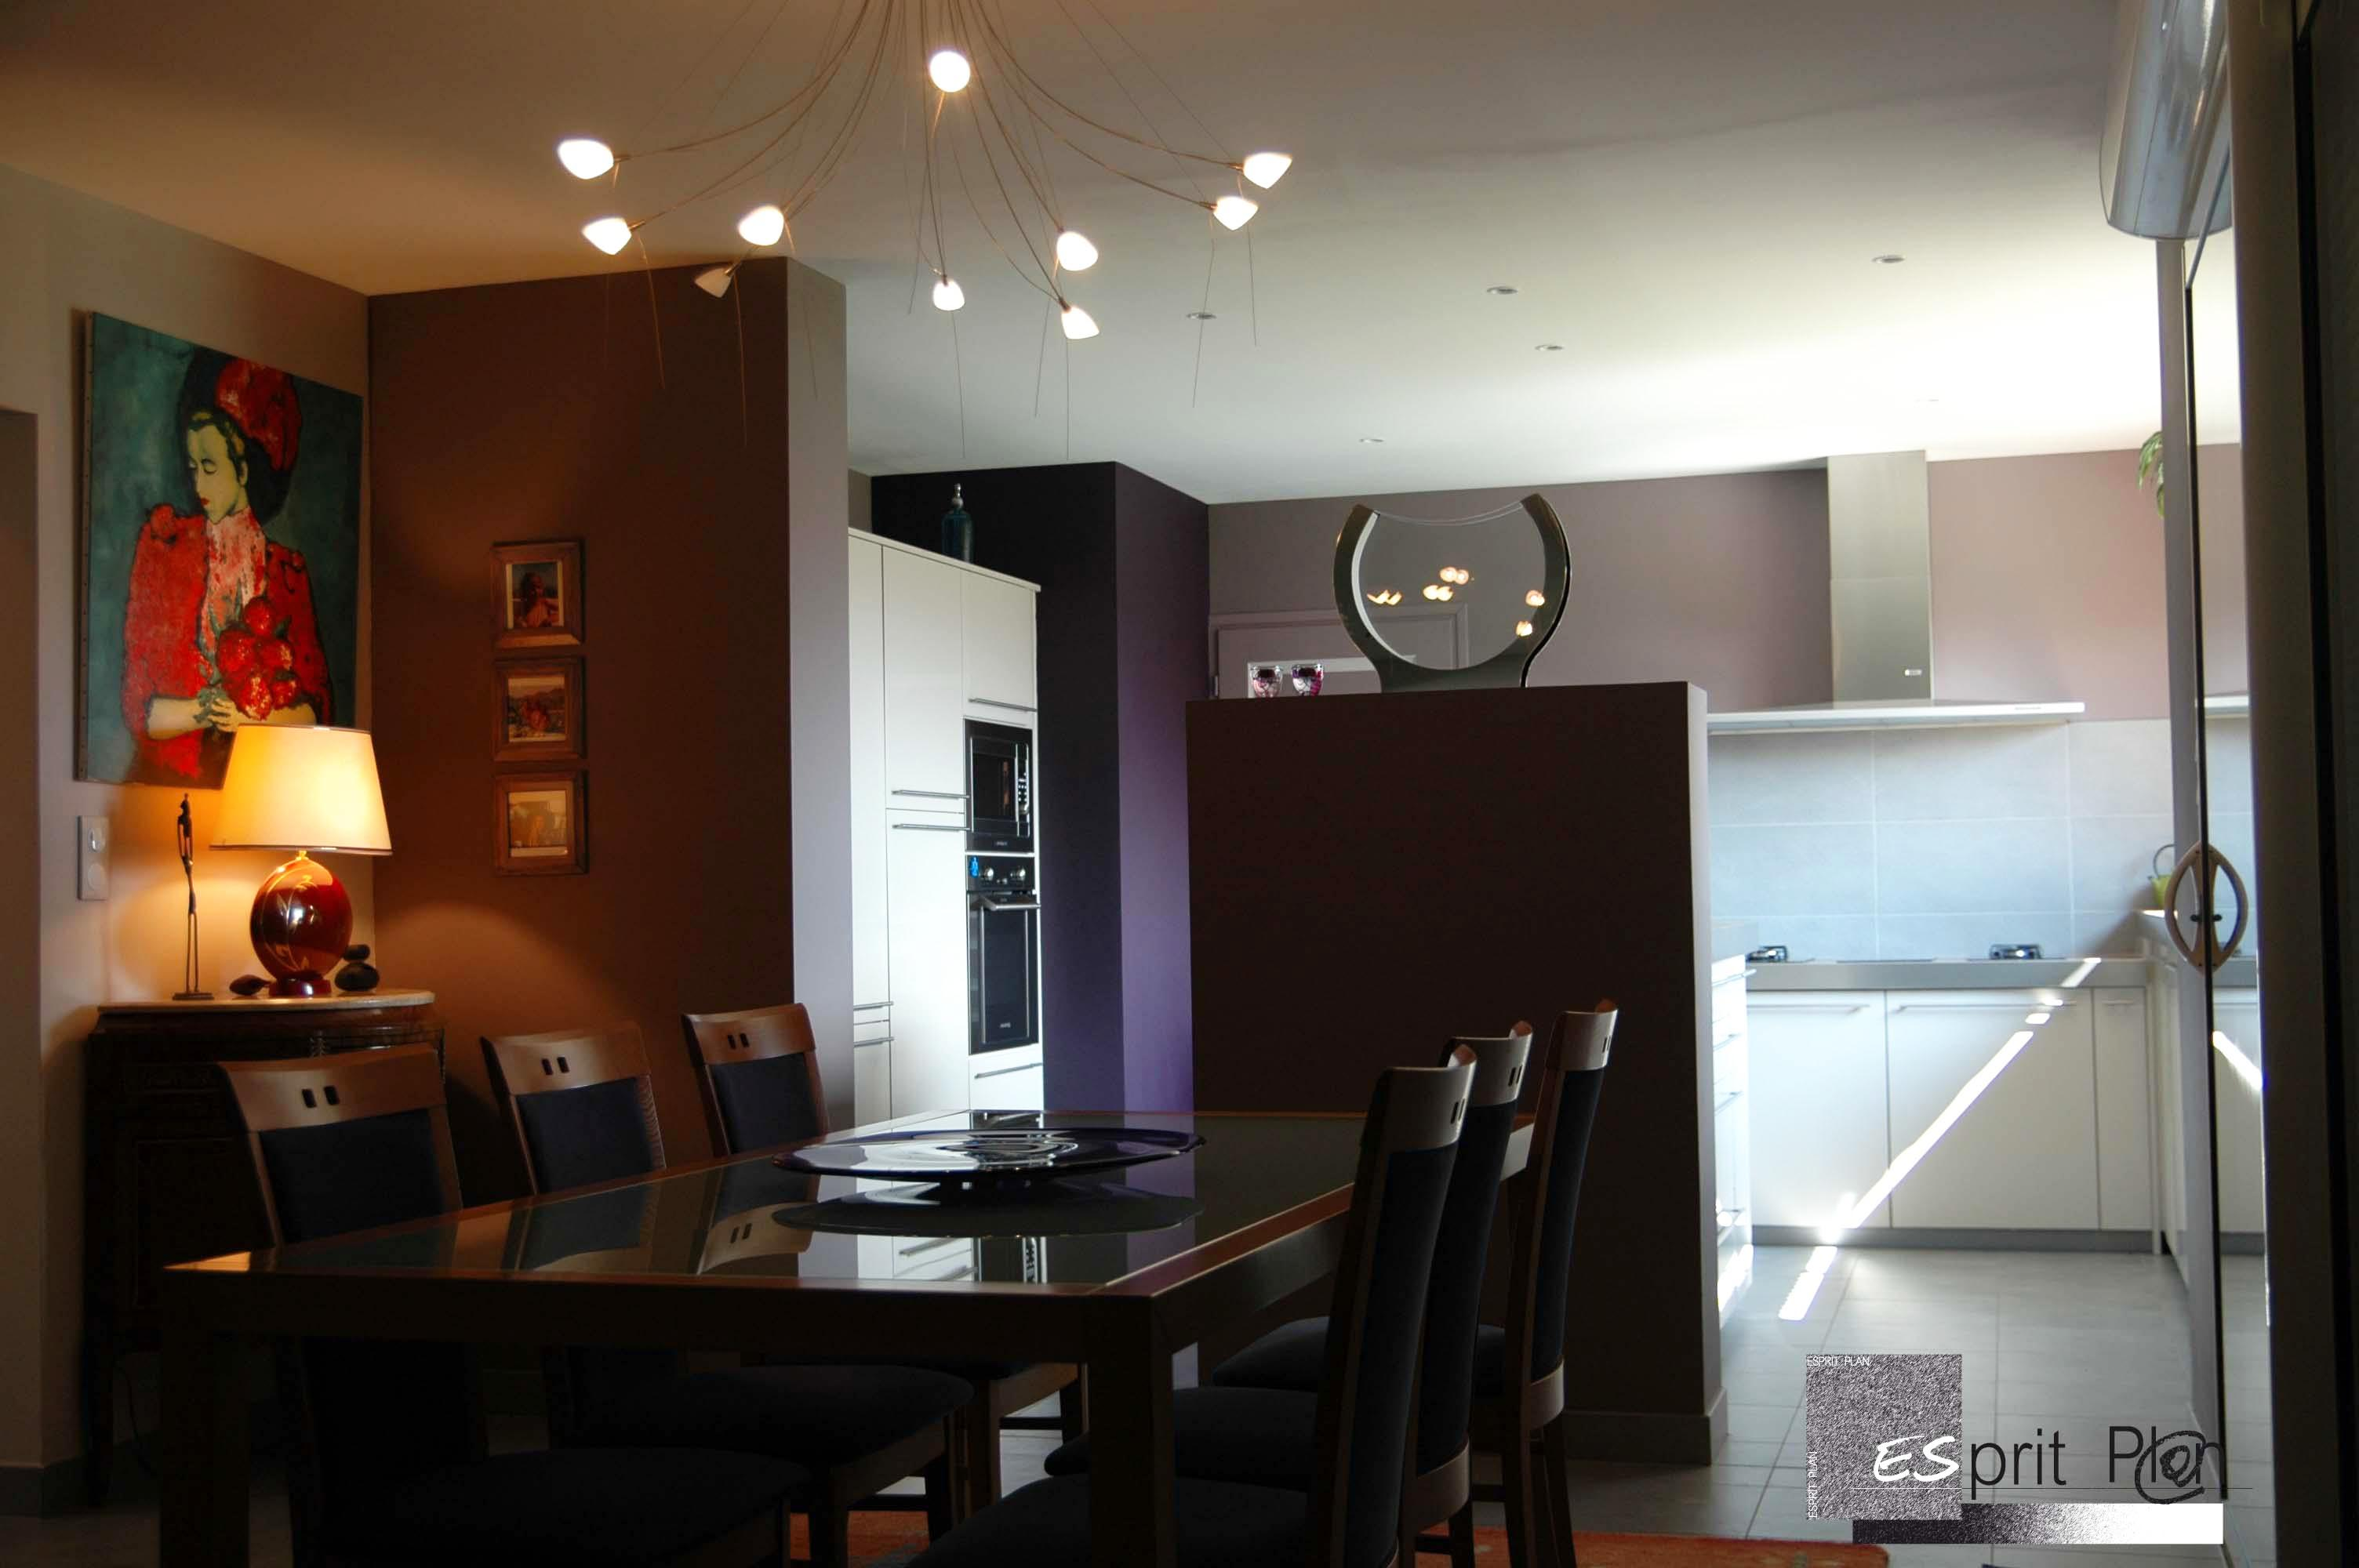 Amenagement d une salle de sejour perpignan 13 for Amenagement sejour cuisine